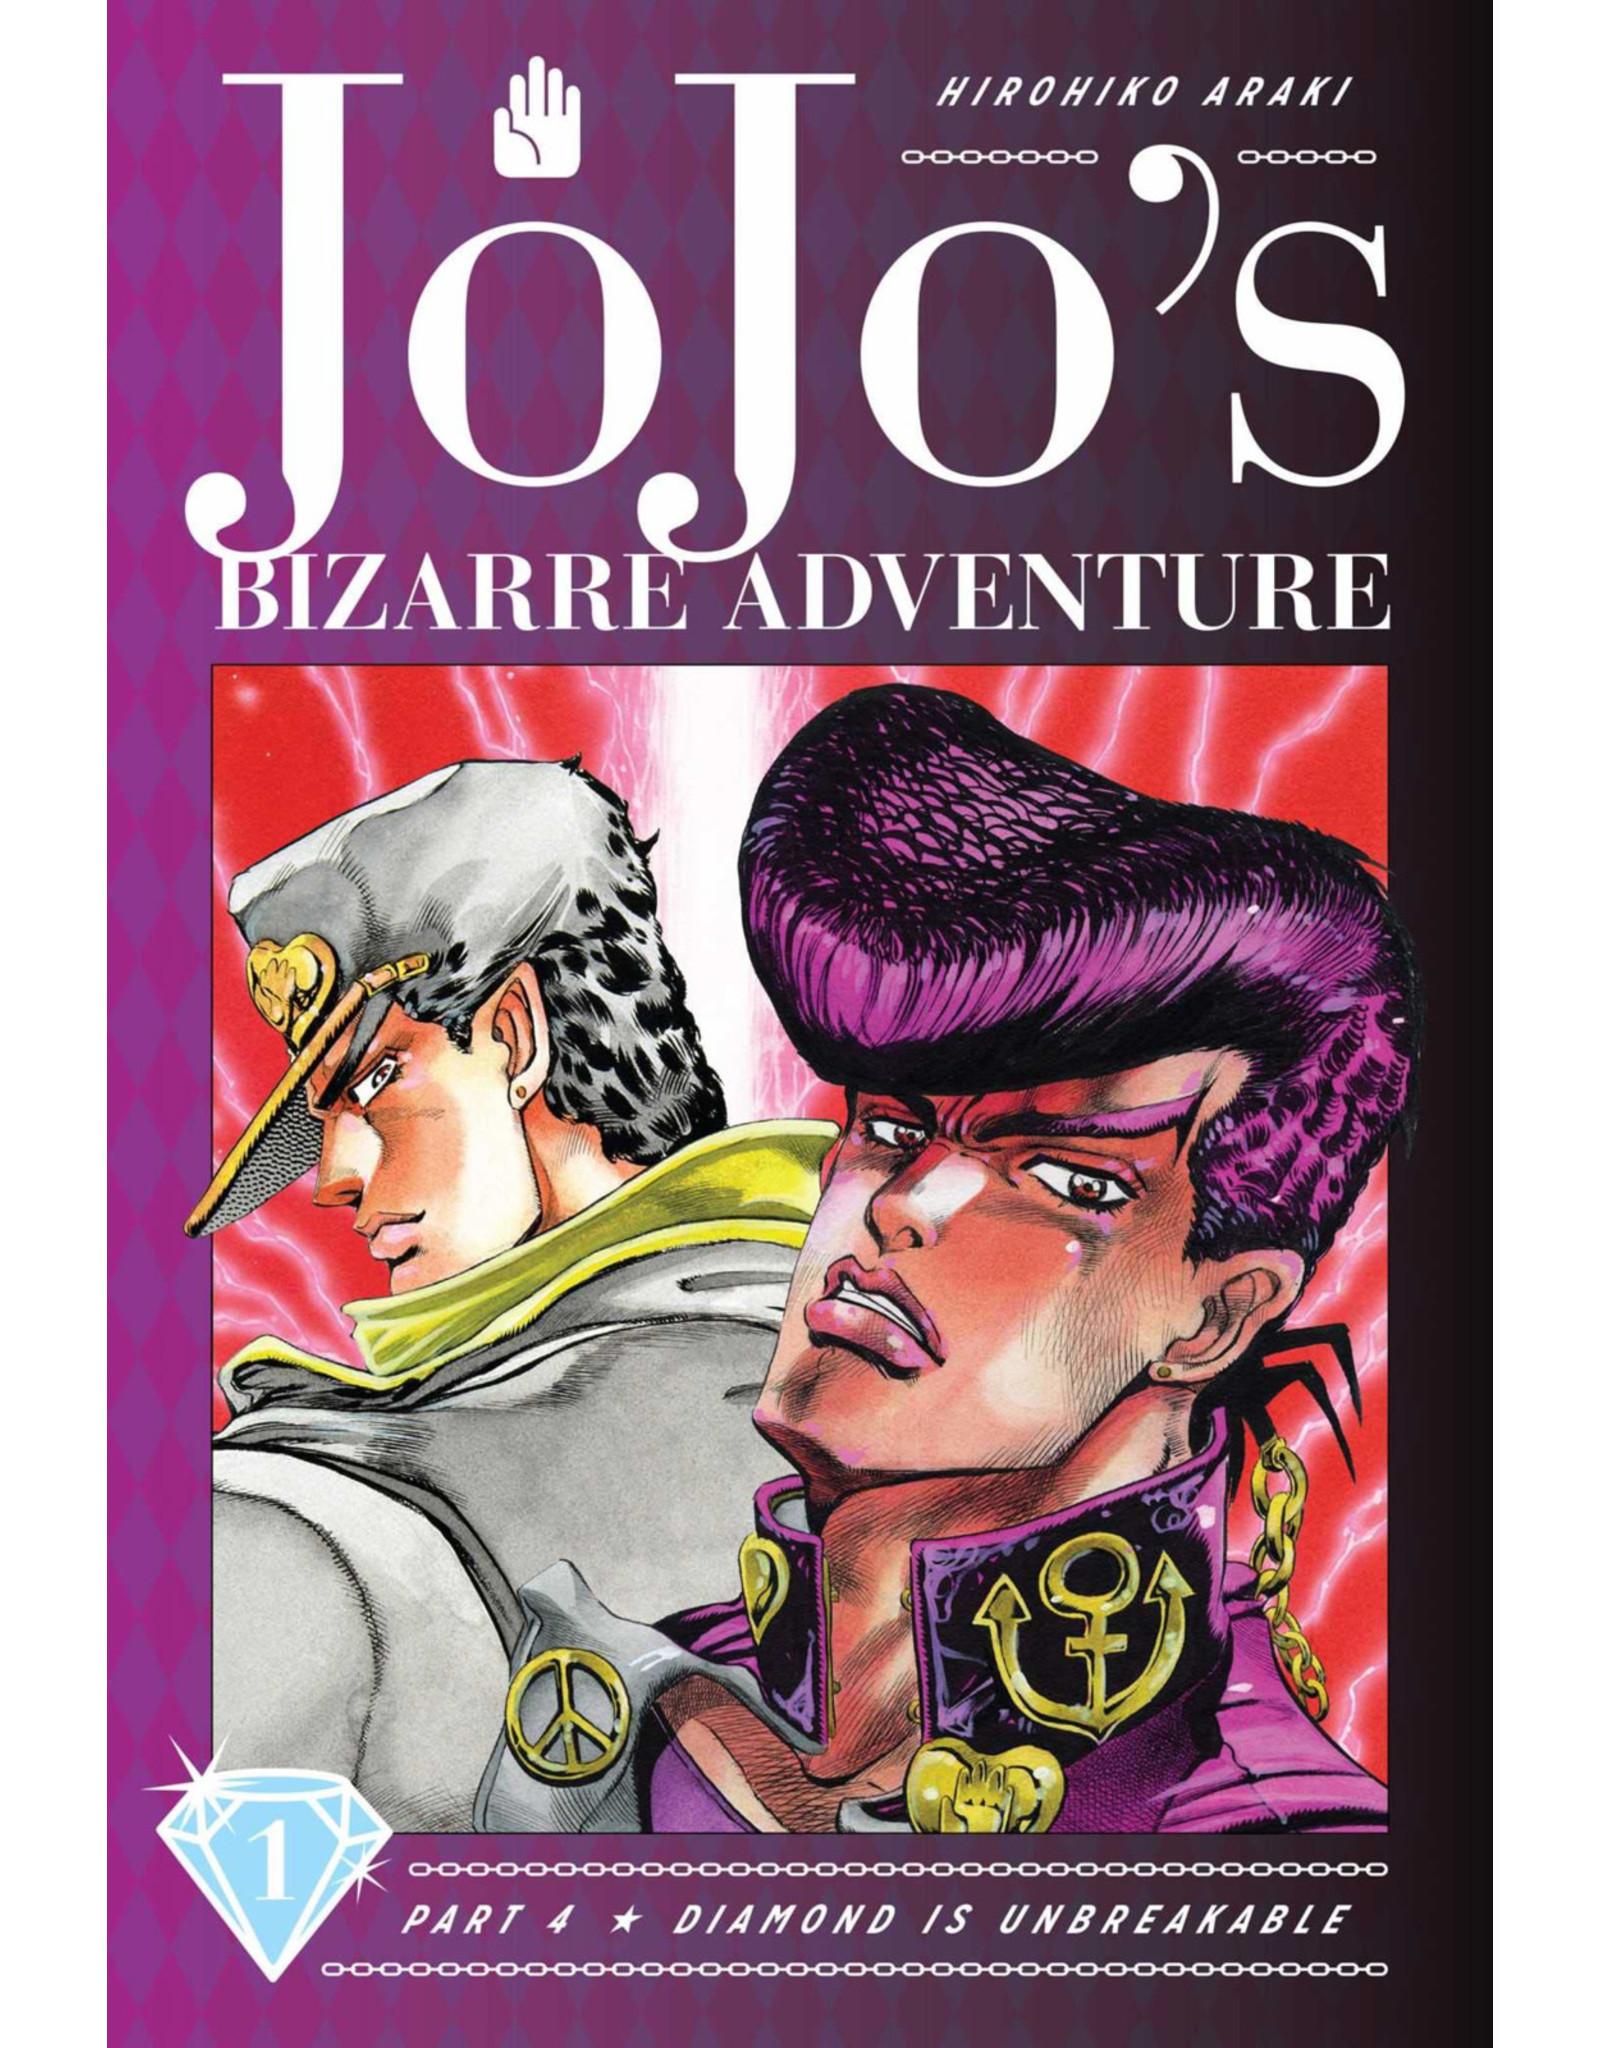 Jojo's Bizarre Adventure - Part 4: Diamond is Unbreakable - Volume 1 - Hardcover (Engelstalig)